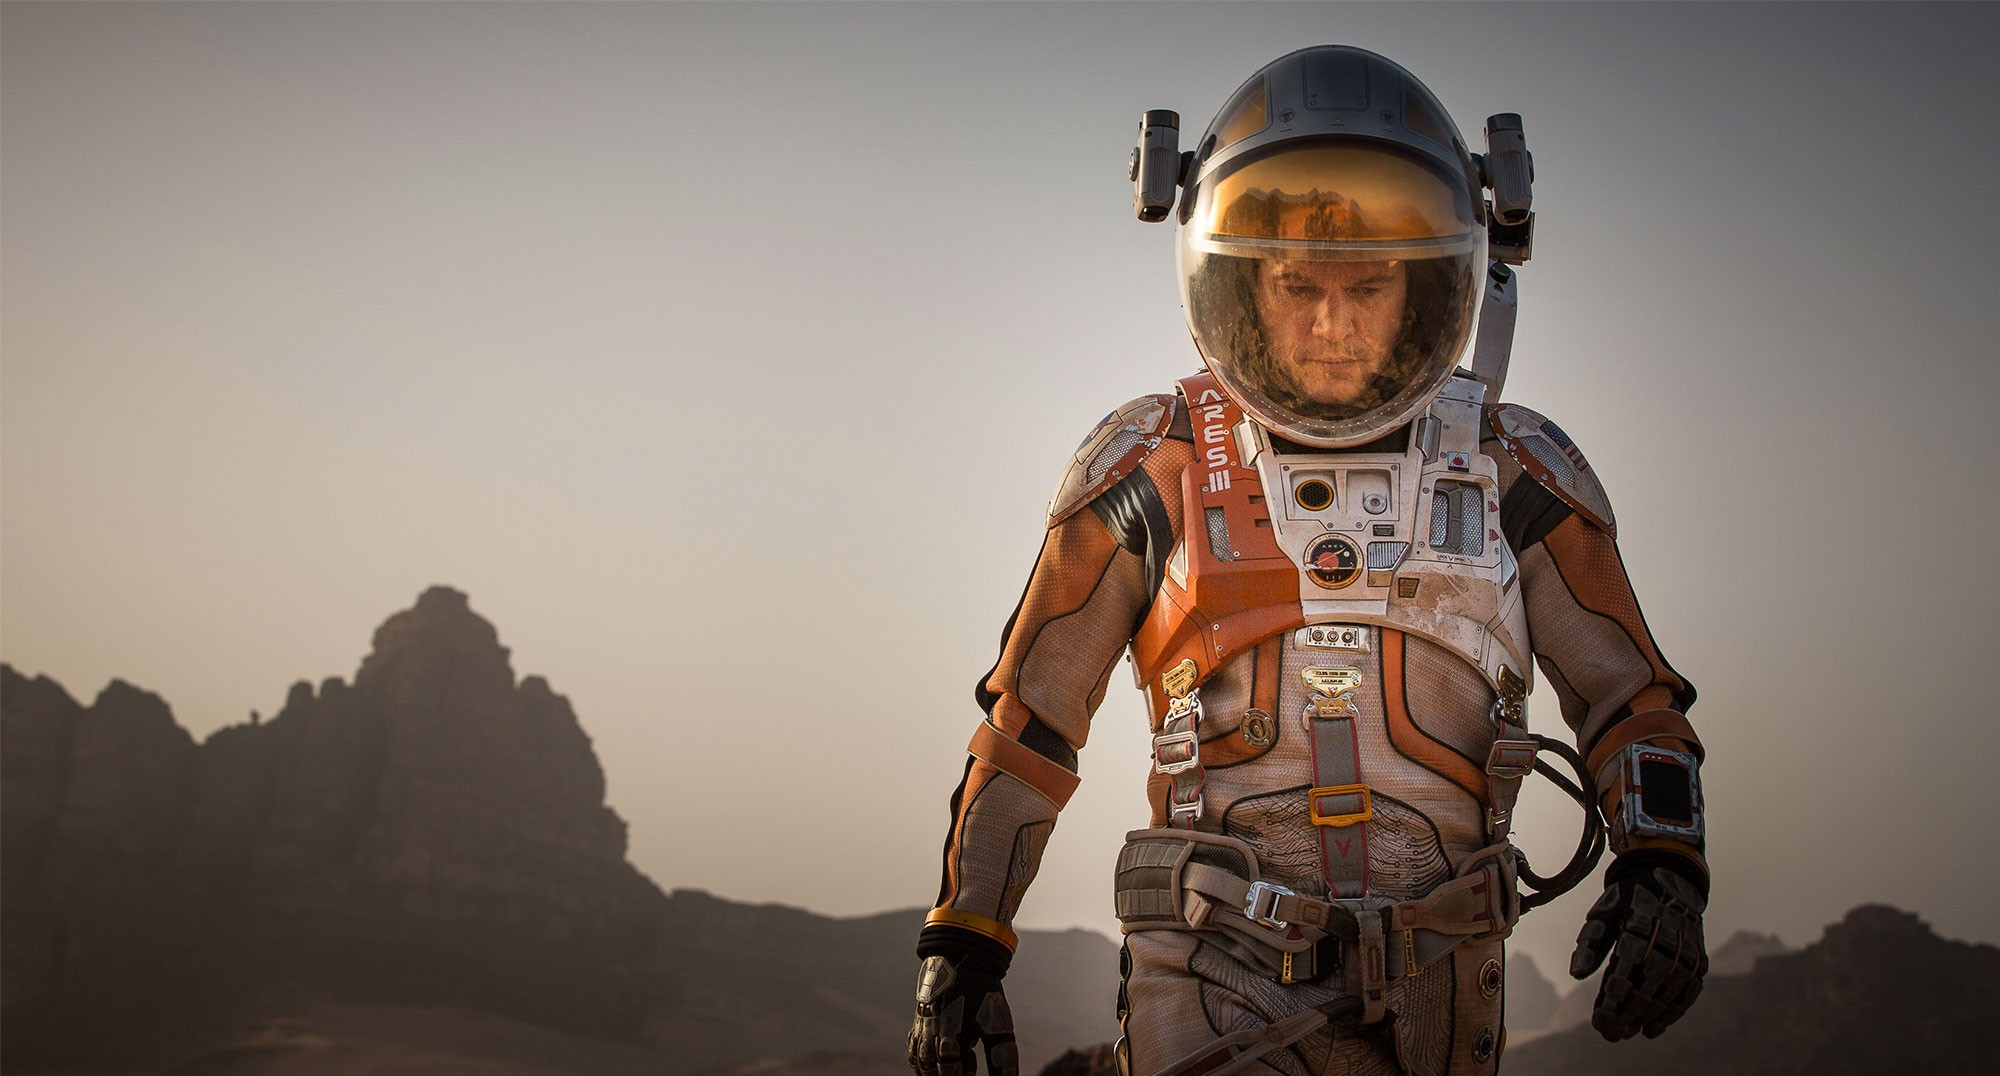 10 najlepszych filmów z Mattem Damonem